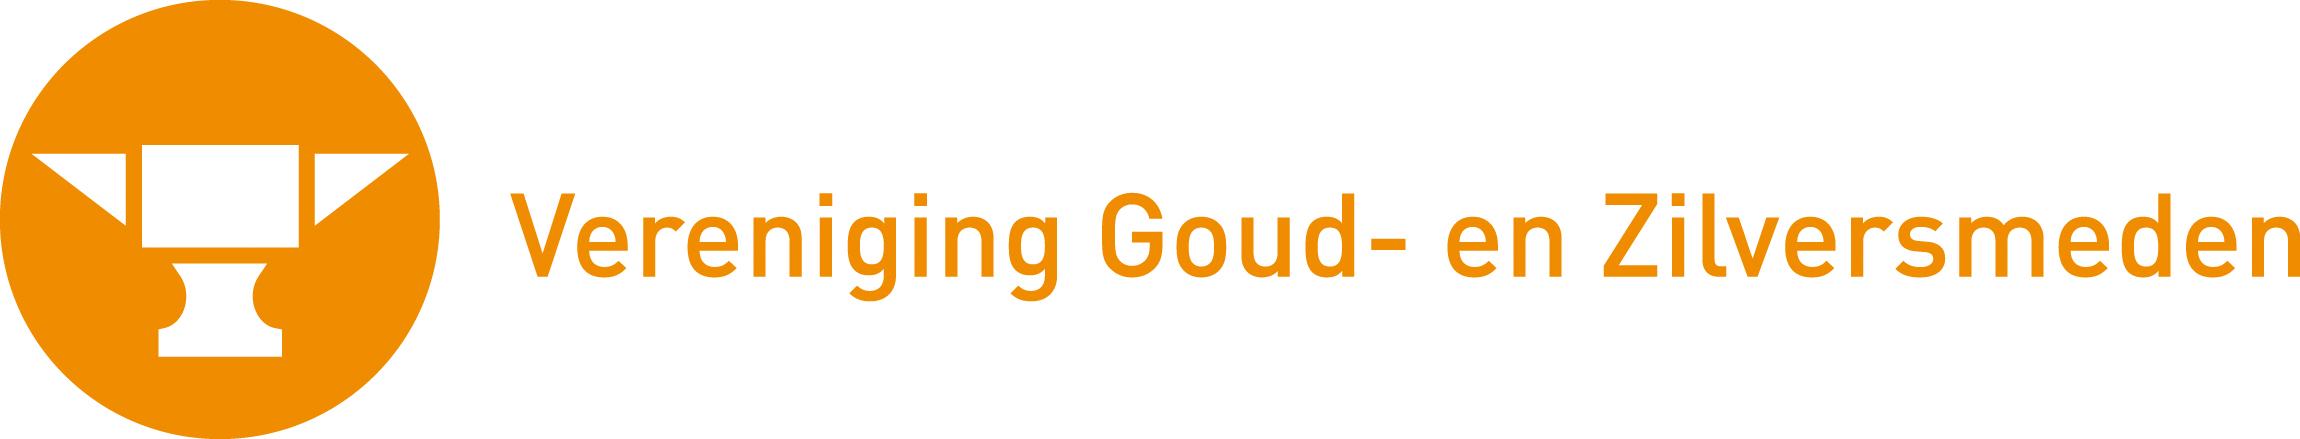 Vereninging Goud- en Zilversmeden